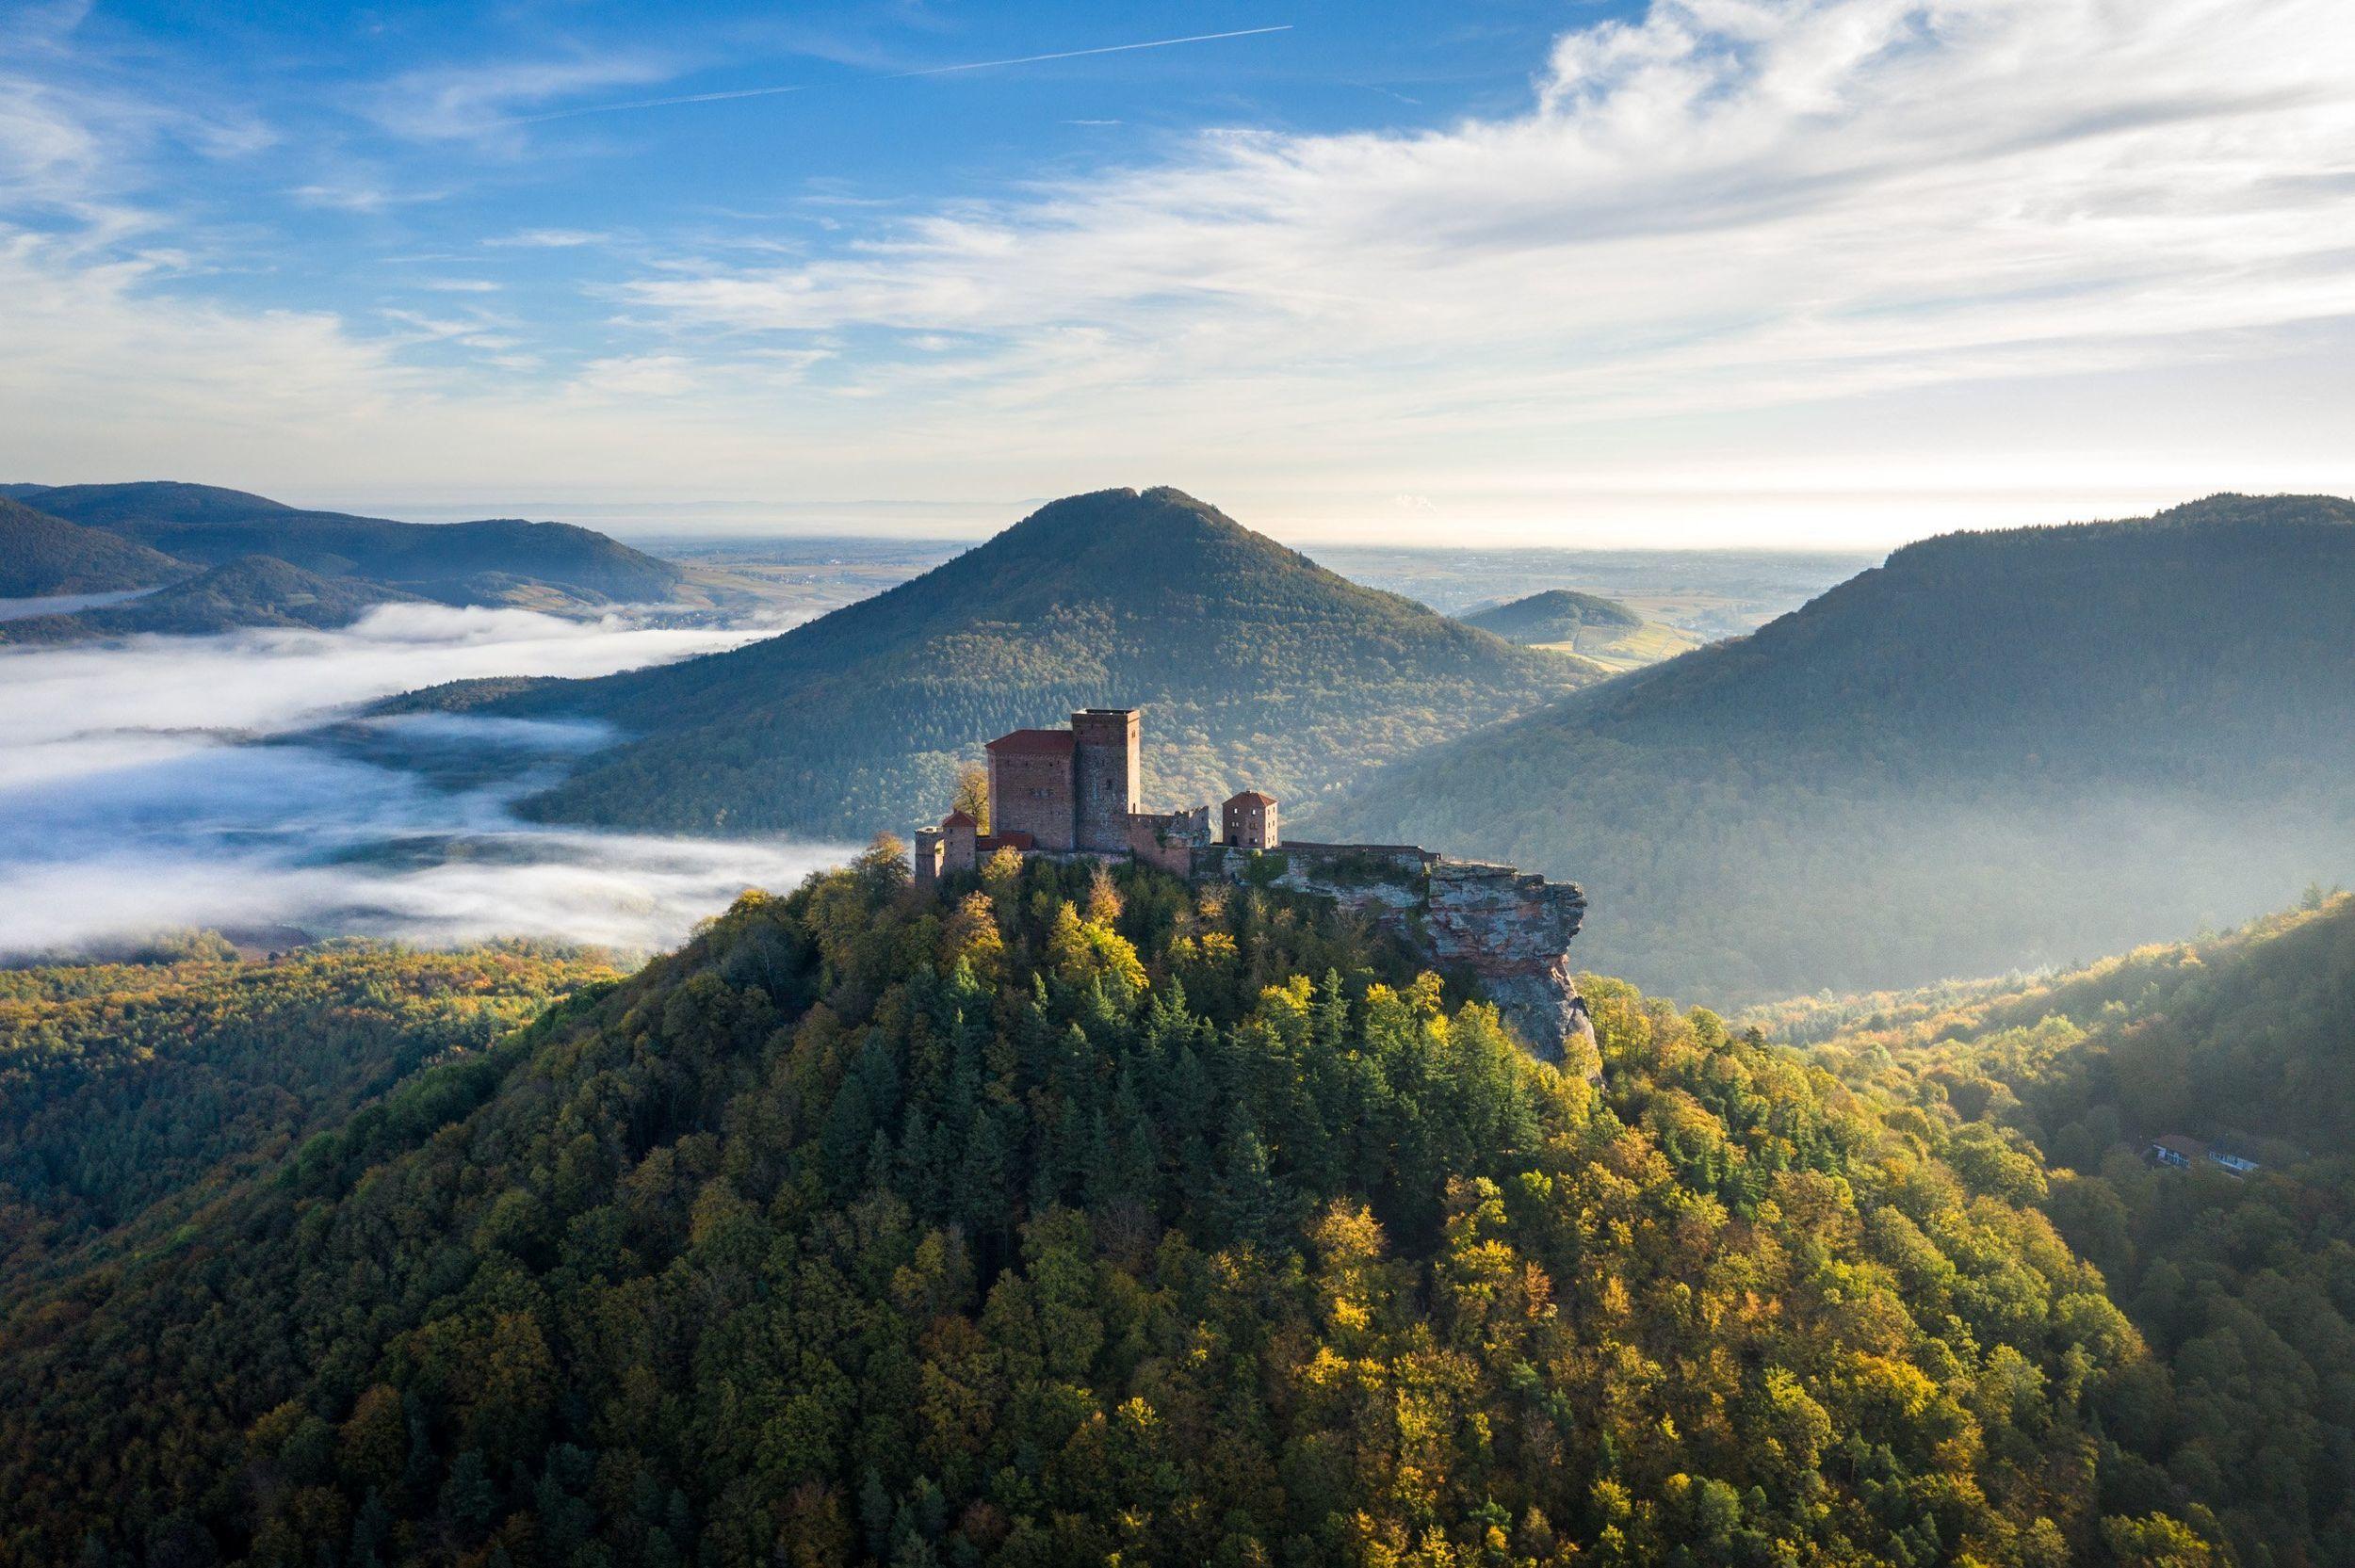 BuГџ Und Bettag Feiertag In Rheinland Pfalz